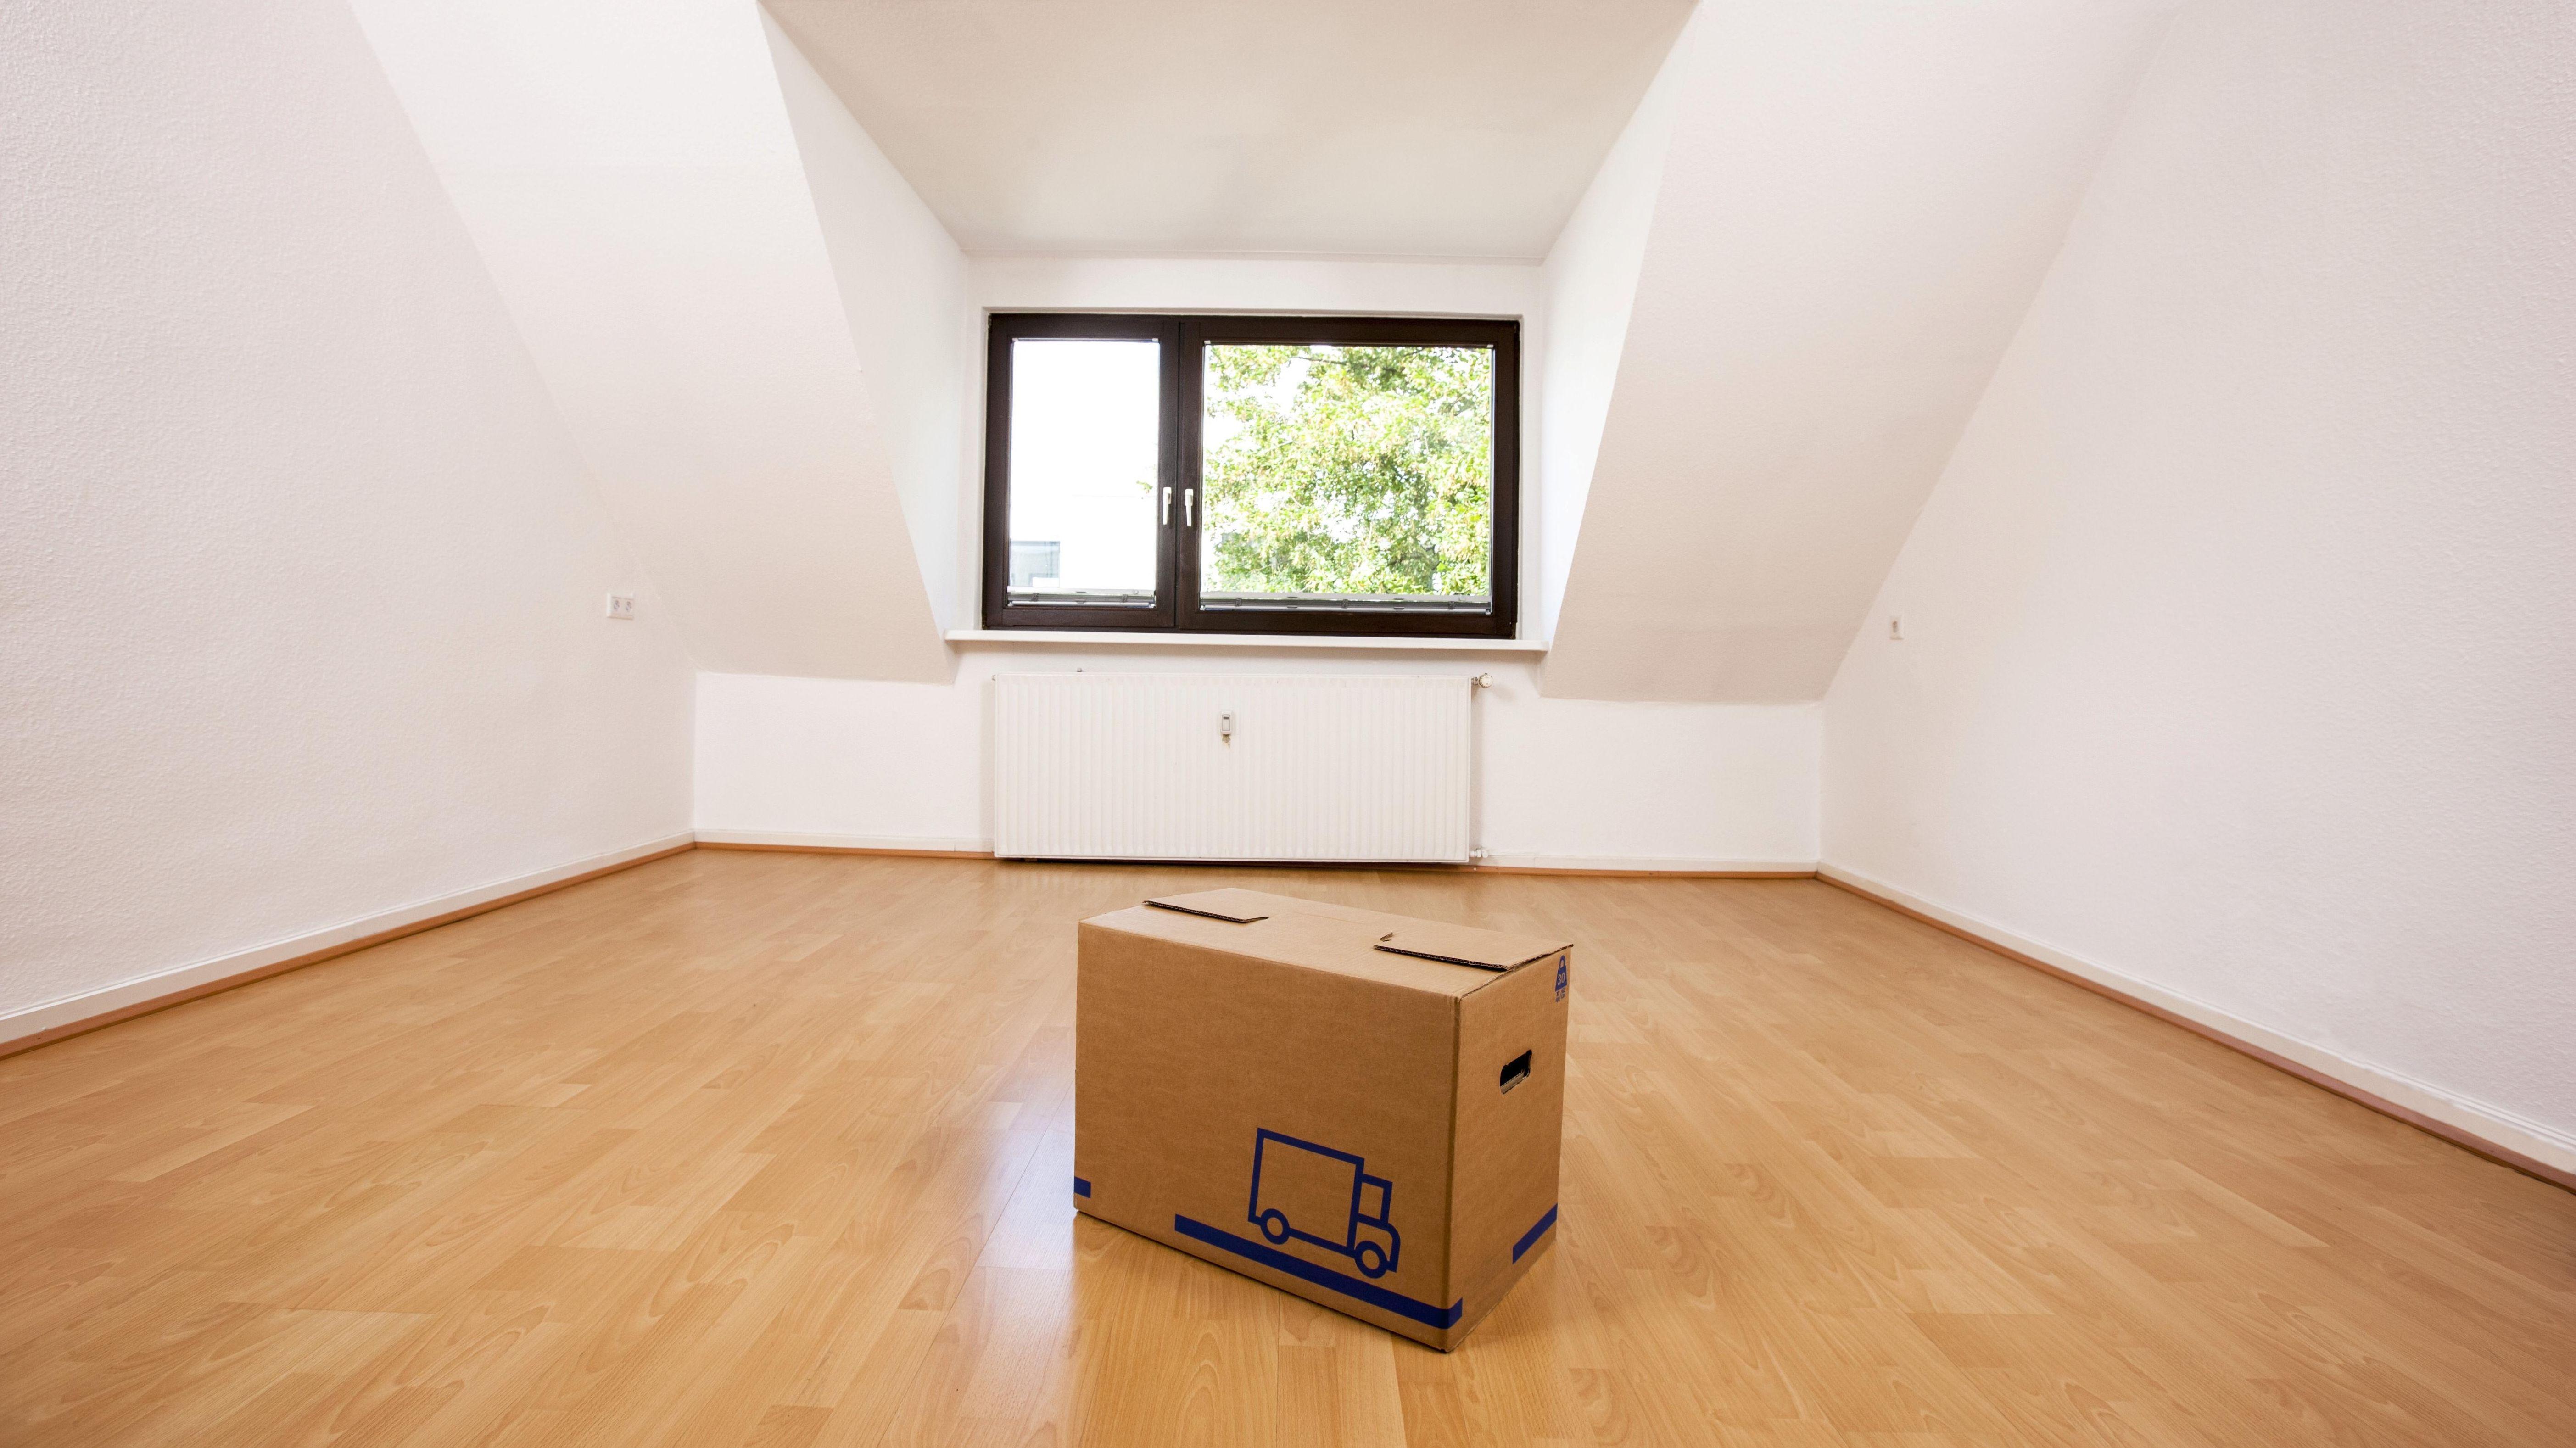 Eine leere Dachgeschosswohnung mit einem Umzugskarton